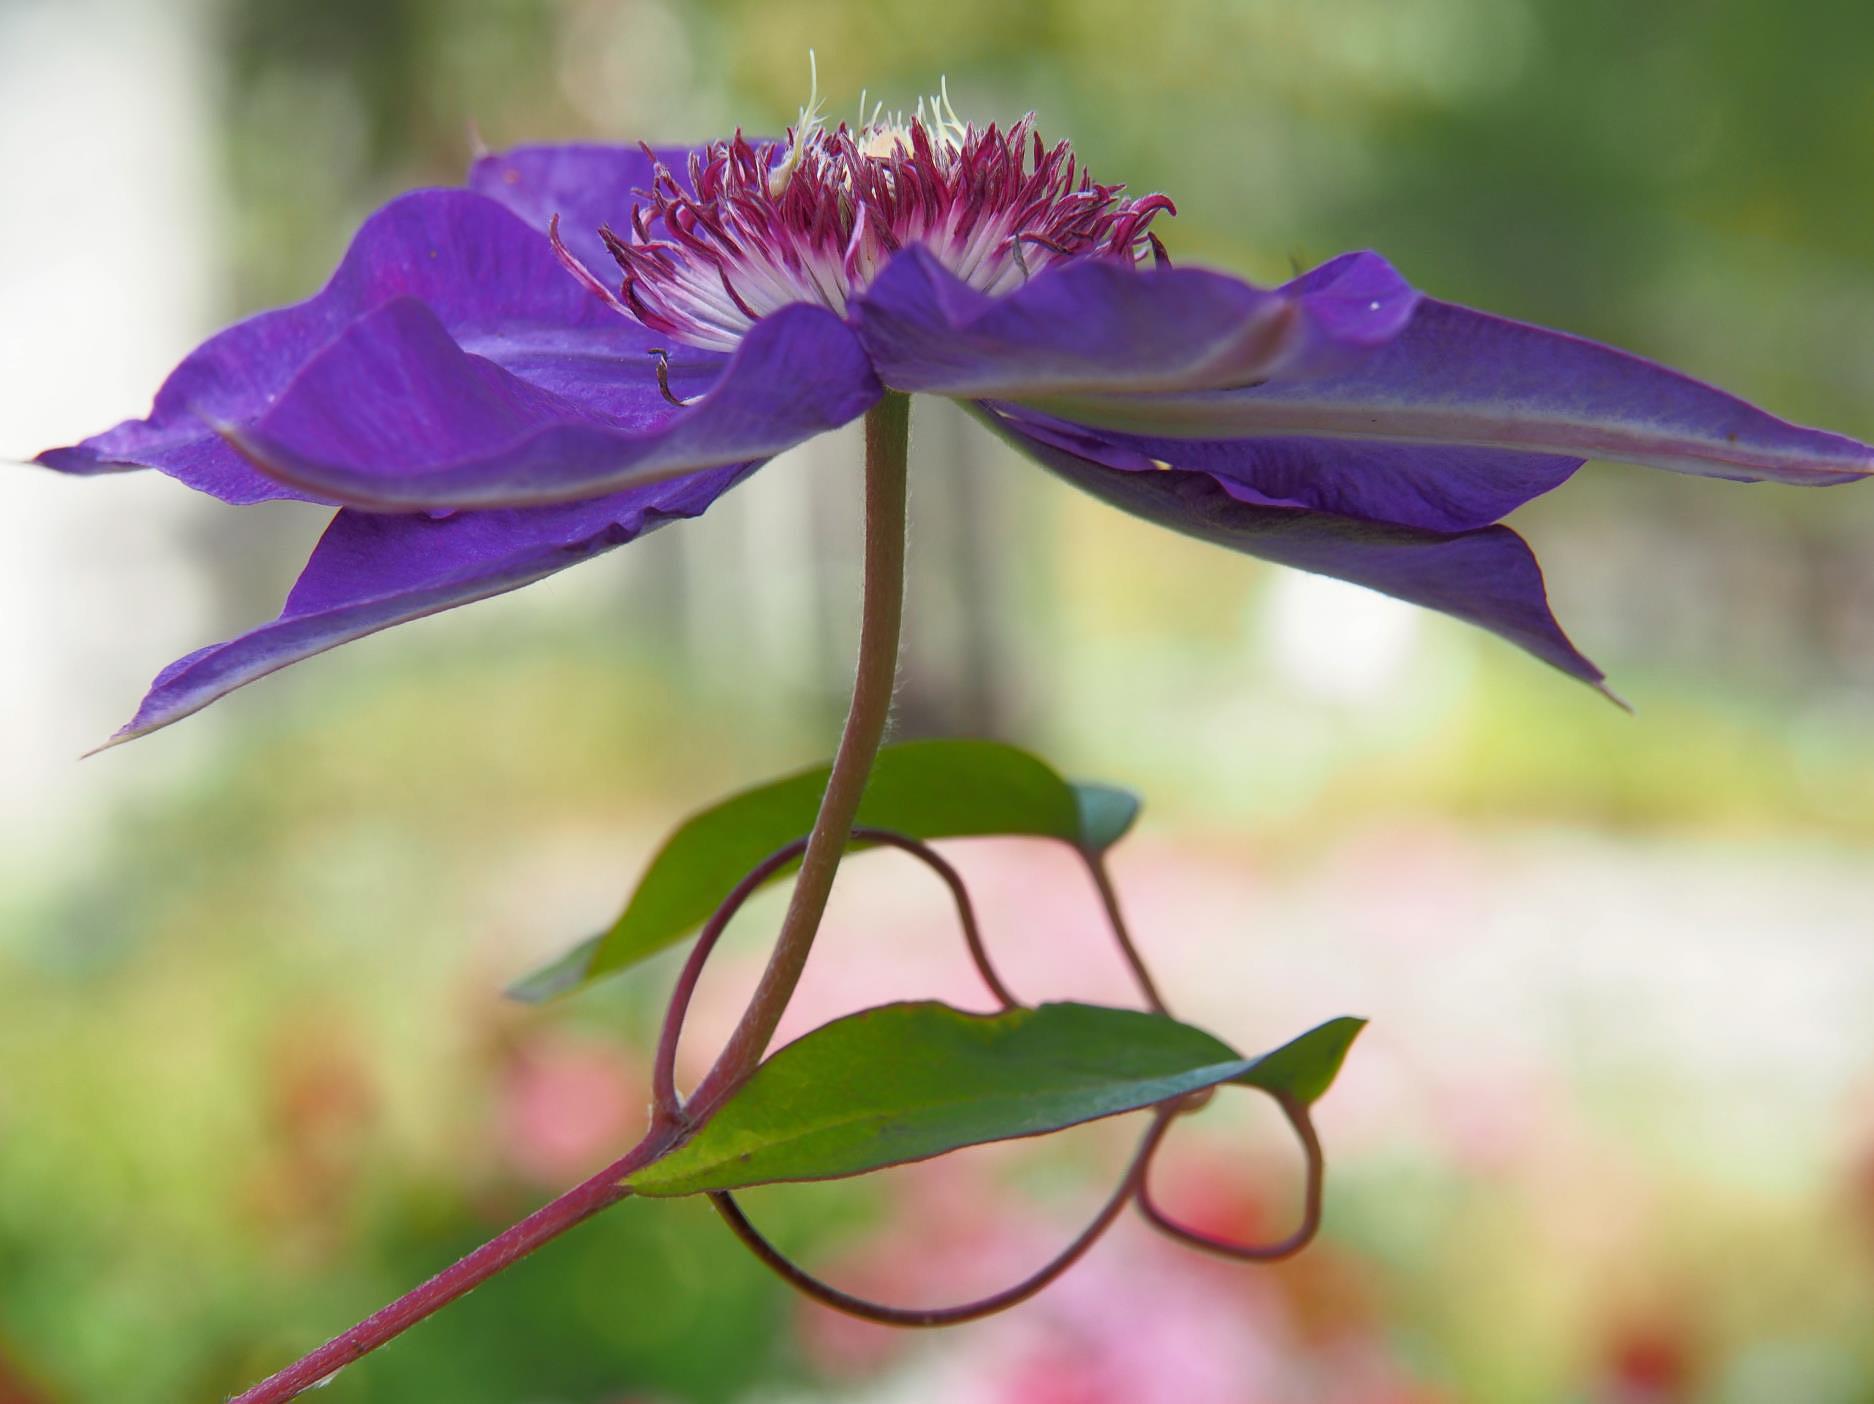 Klematis med store blomster er spennende og litt eksotisk. Denne bor i hagen min på Kjønnås og har kommet med noen få blomster i år. Jeg er spent på å se om den klarer vinteren. Å gå tett på blomstene med kameraet er noe av det mest spennende med fotografering for meg. Det er så mange detaljer i selve blomsten, det er spennende bladformer og jeg prøver å fange sjelen til blomsten. Makrofotografering er for meg læring og undring - det er så mye vakkert i naturen. Det er mange flotte og spennende hageplanter, men de største opplevelsene med kamera har jeg nok hatt med de ville vekstene